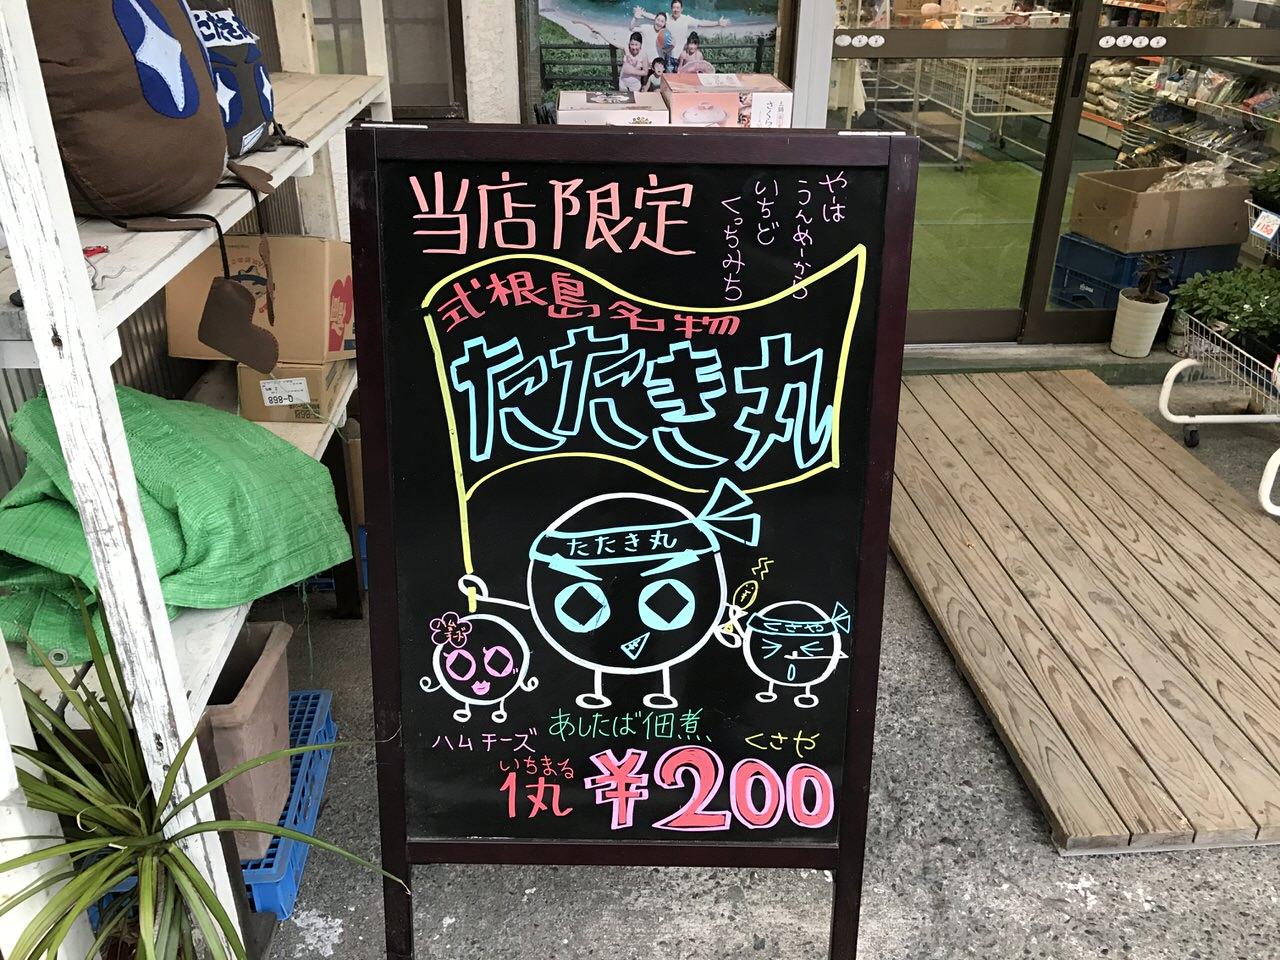 Niijima travel 2596